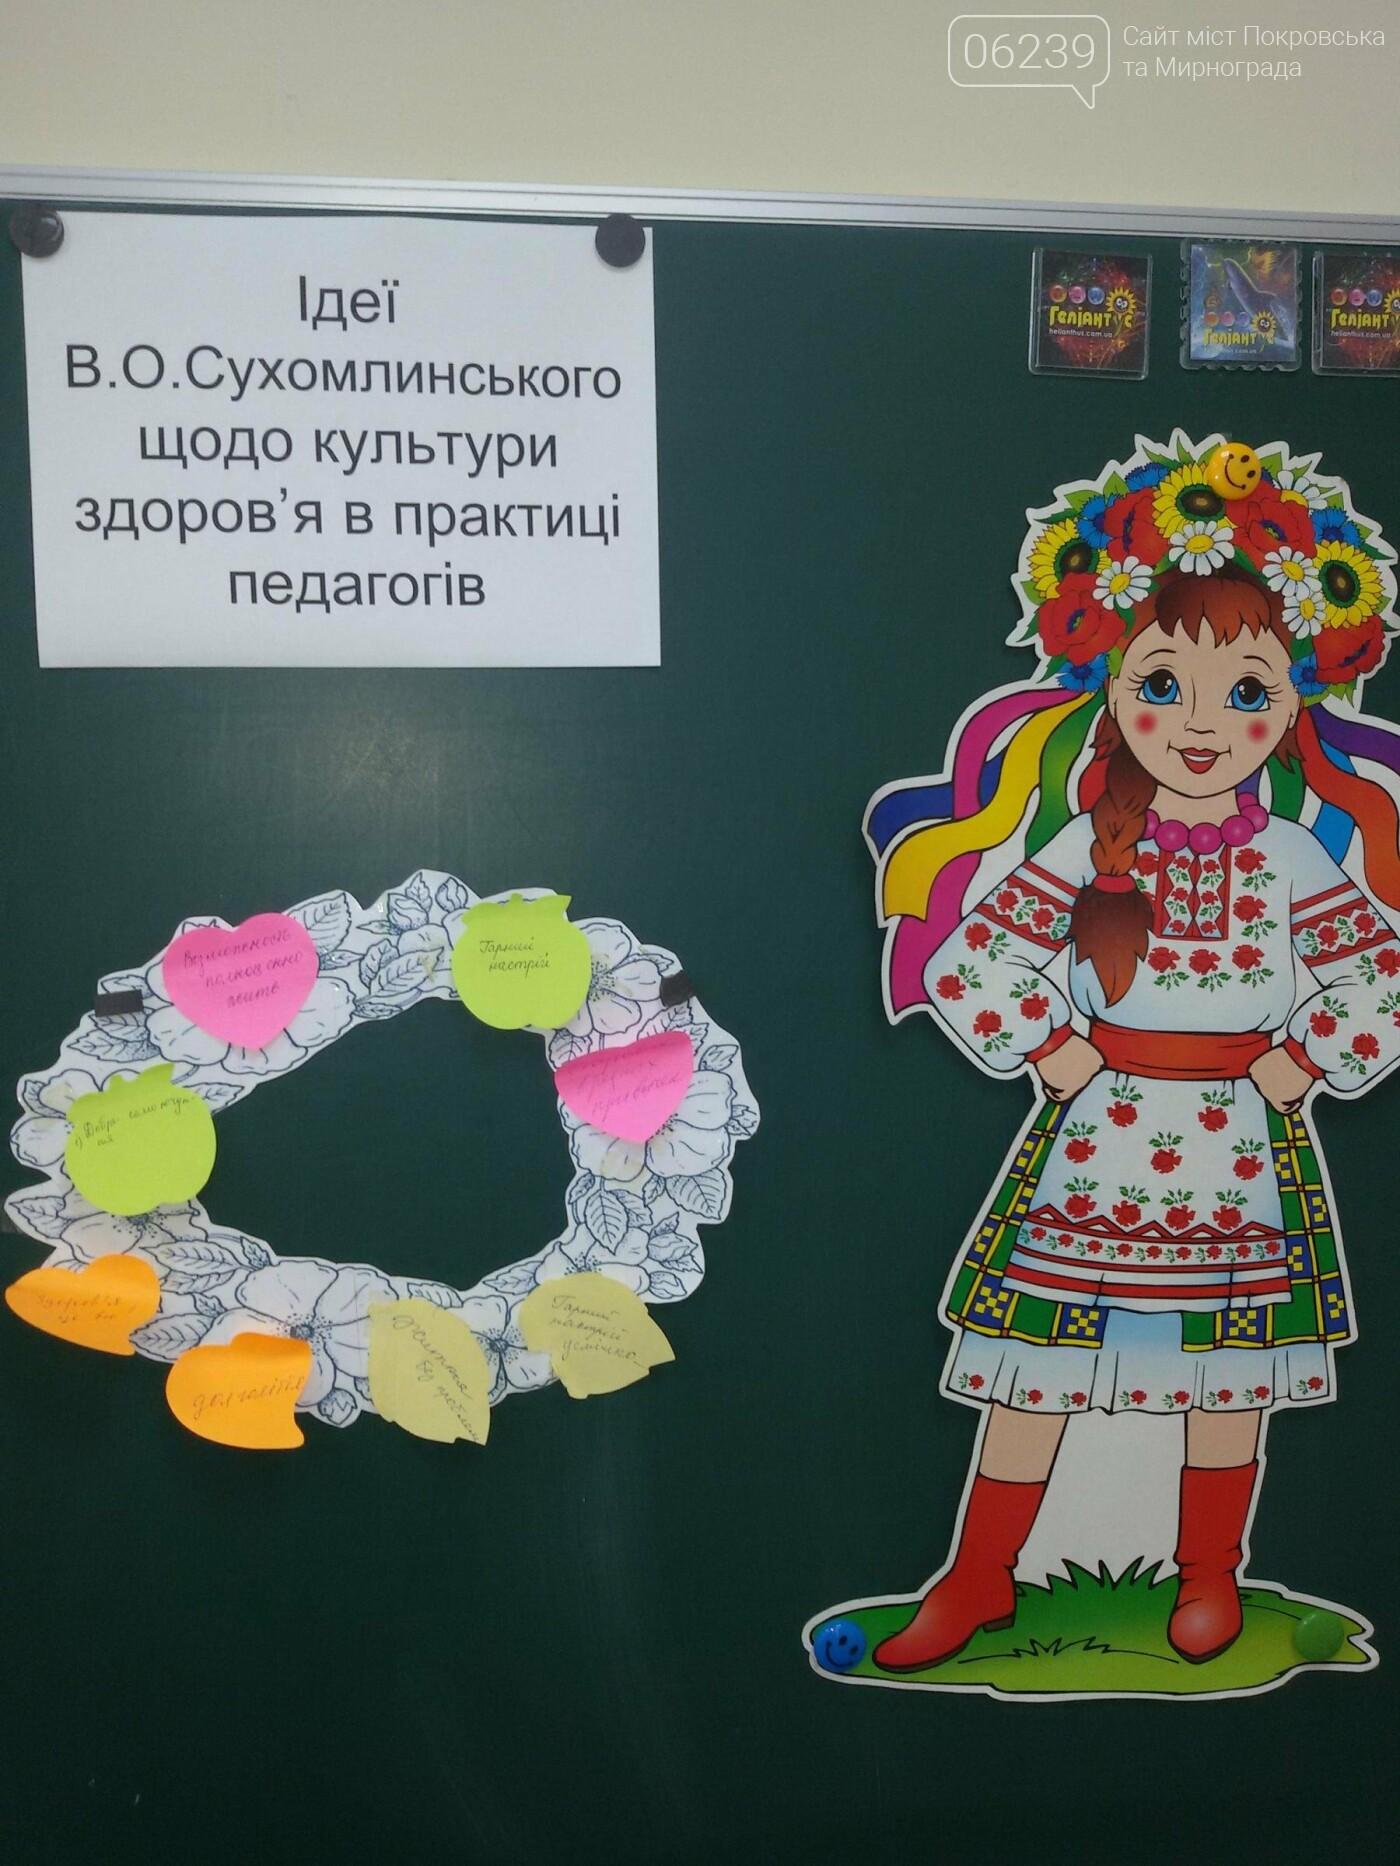 В Покровской опорной школе №9 прошел семинар-практикум по здоровьесбережению, фото-8